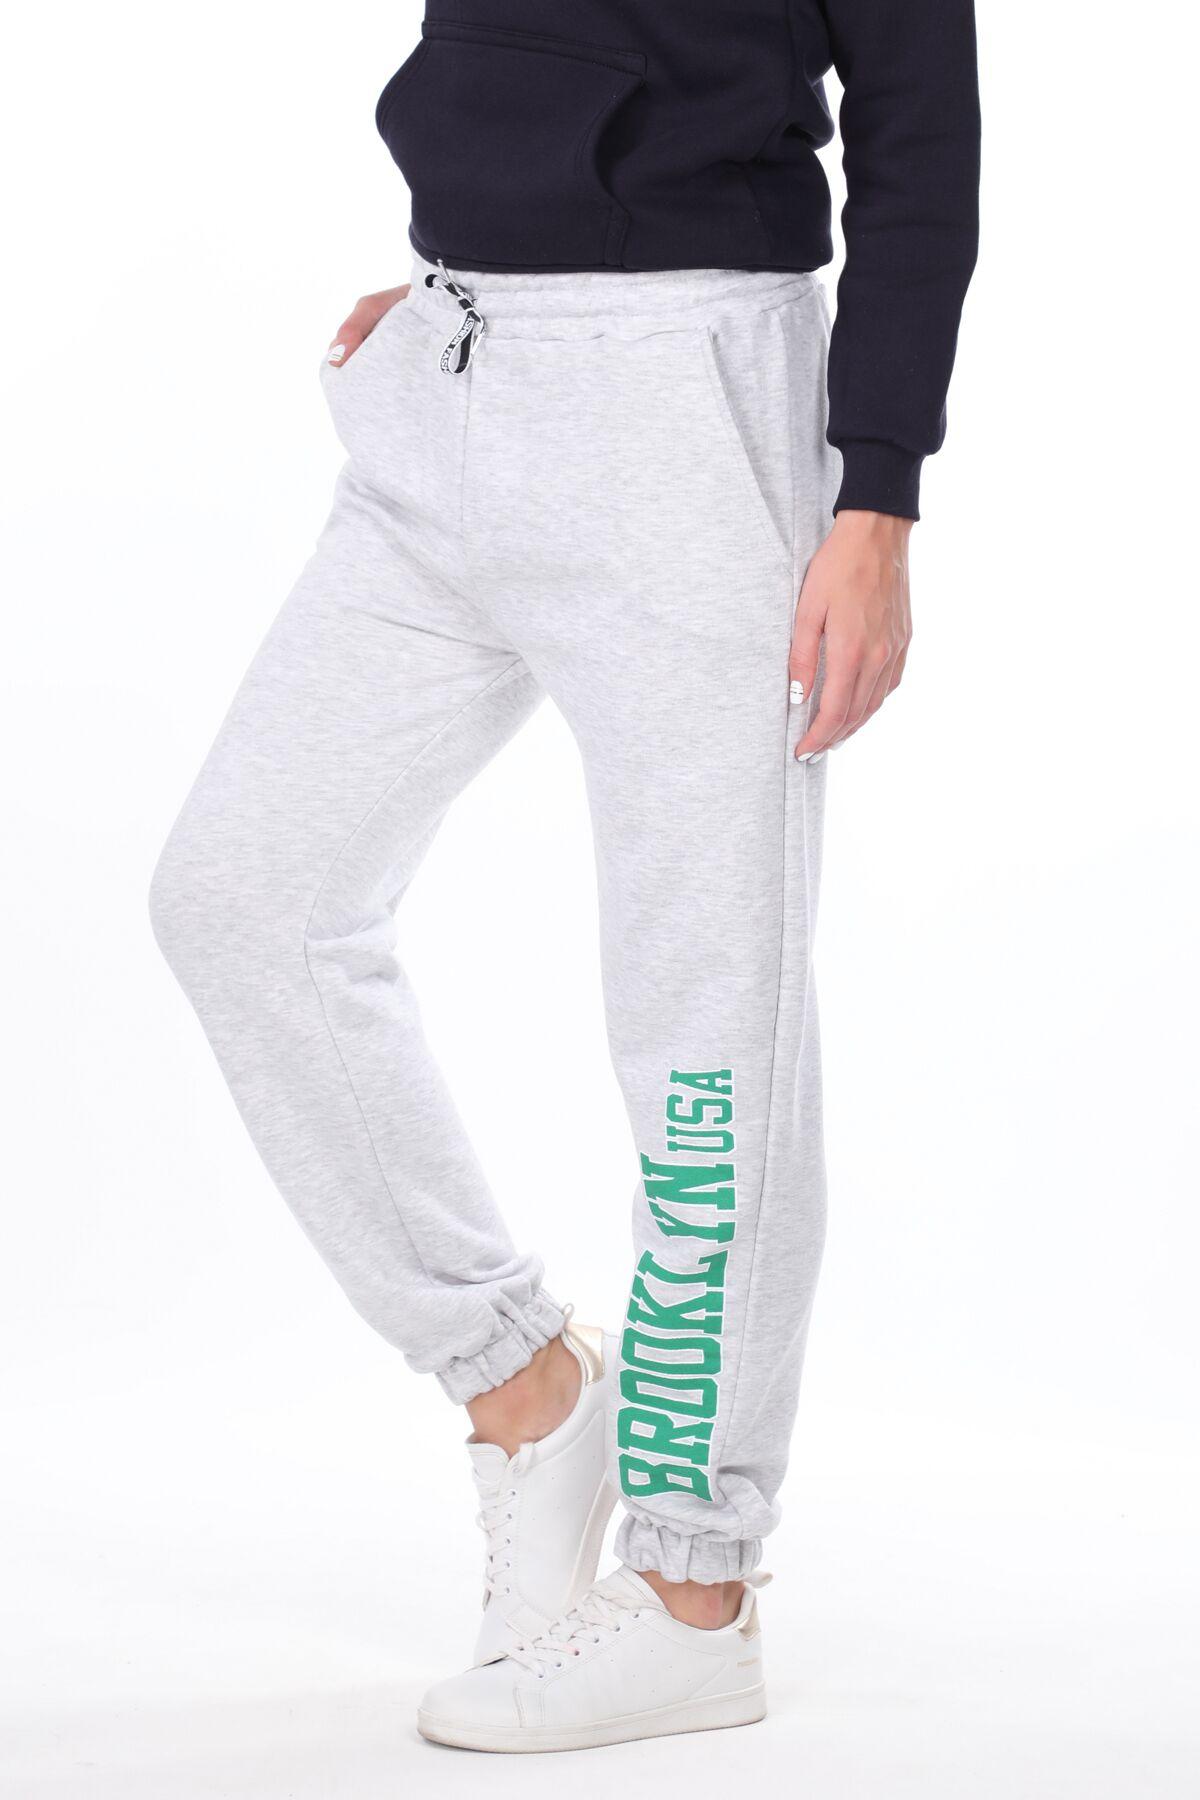 Эластичные серые женские спортивные штаны с принтом Brooklyn